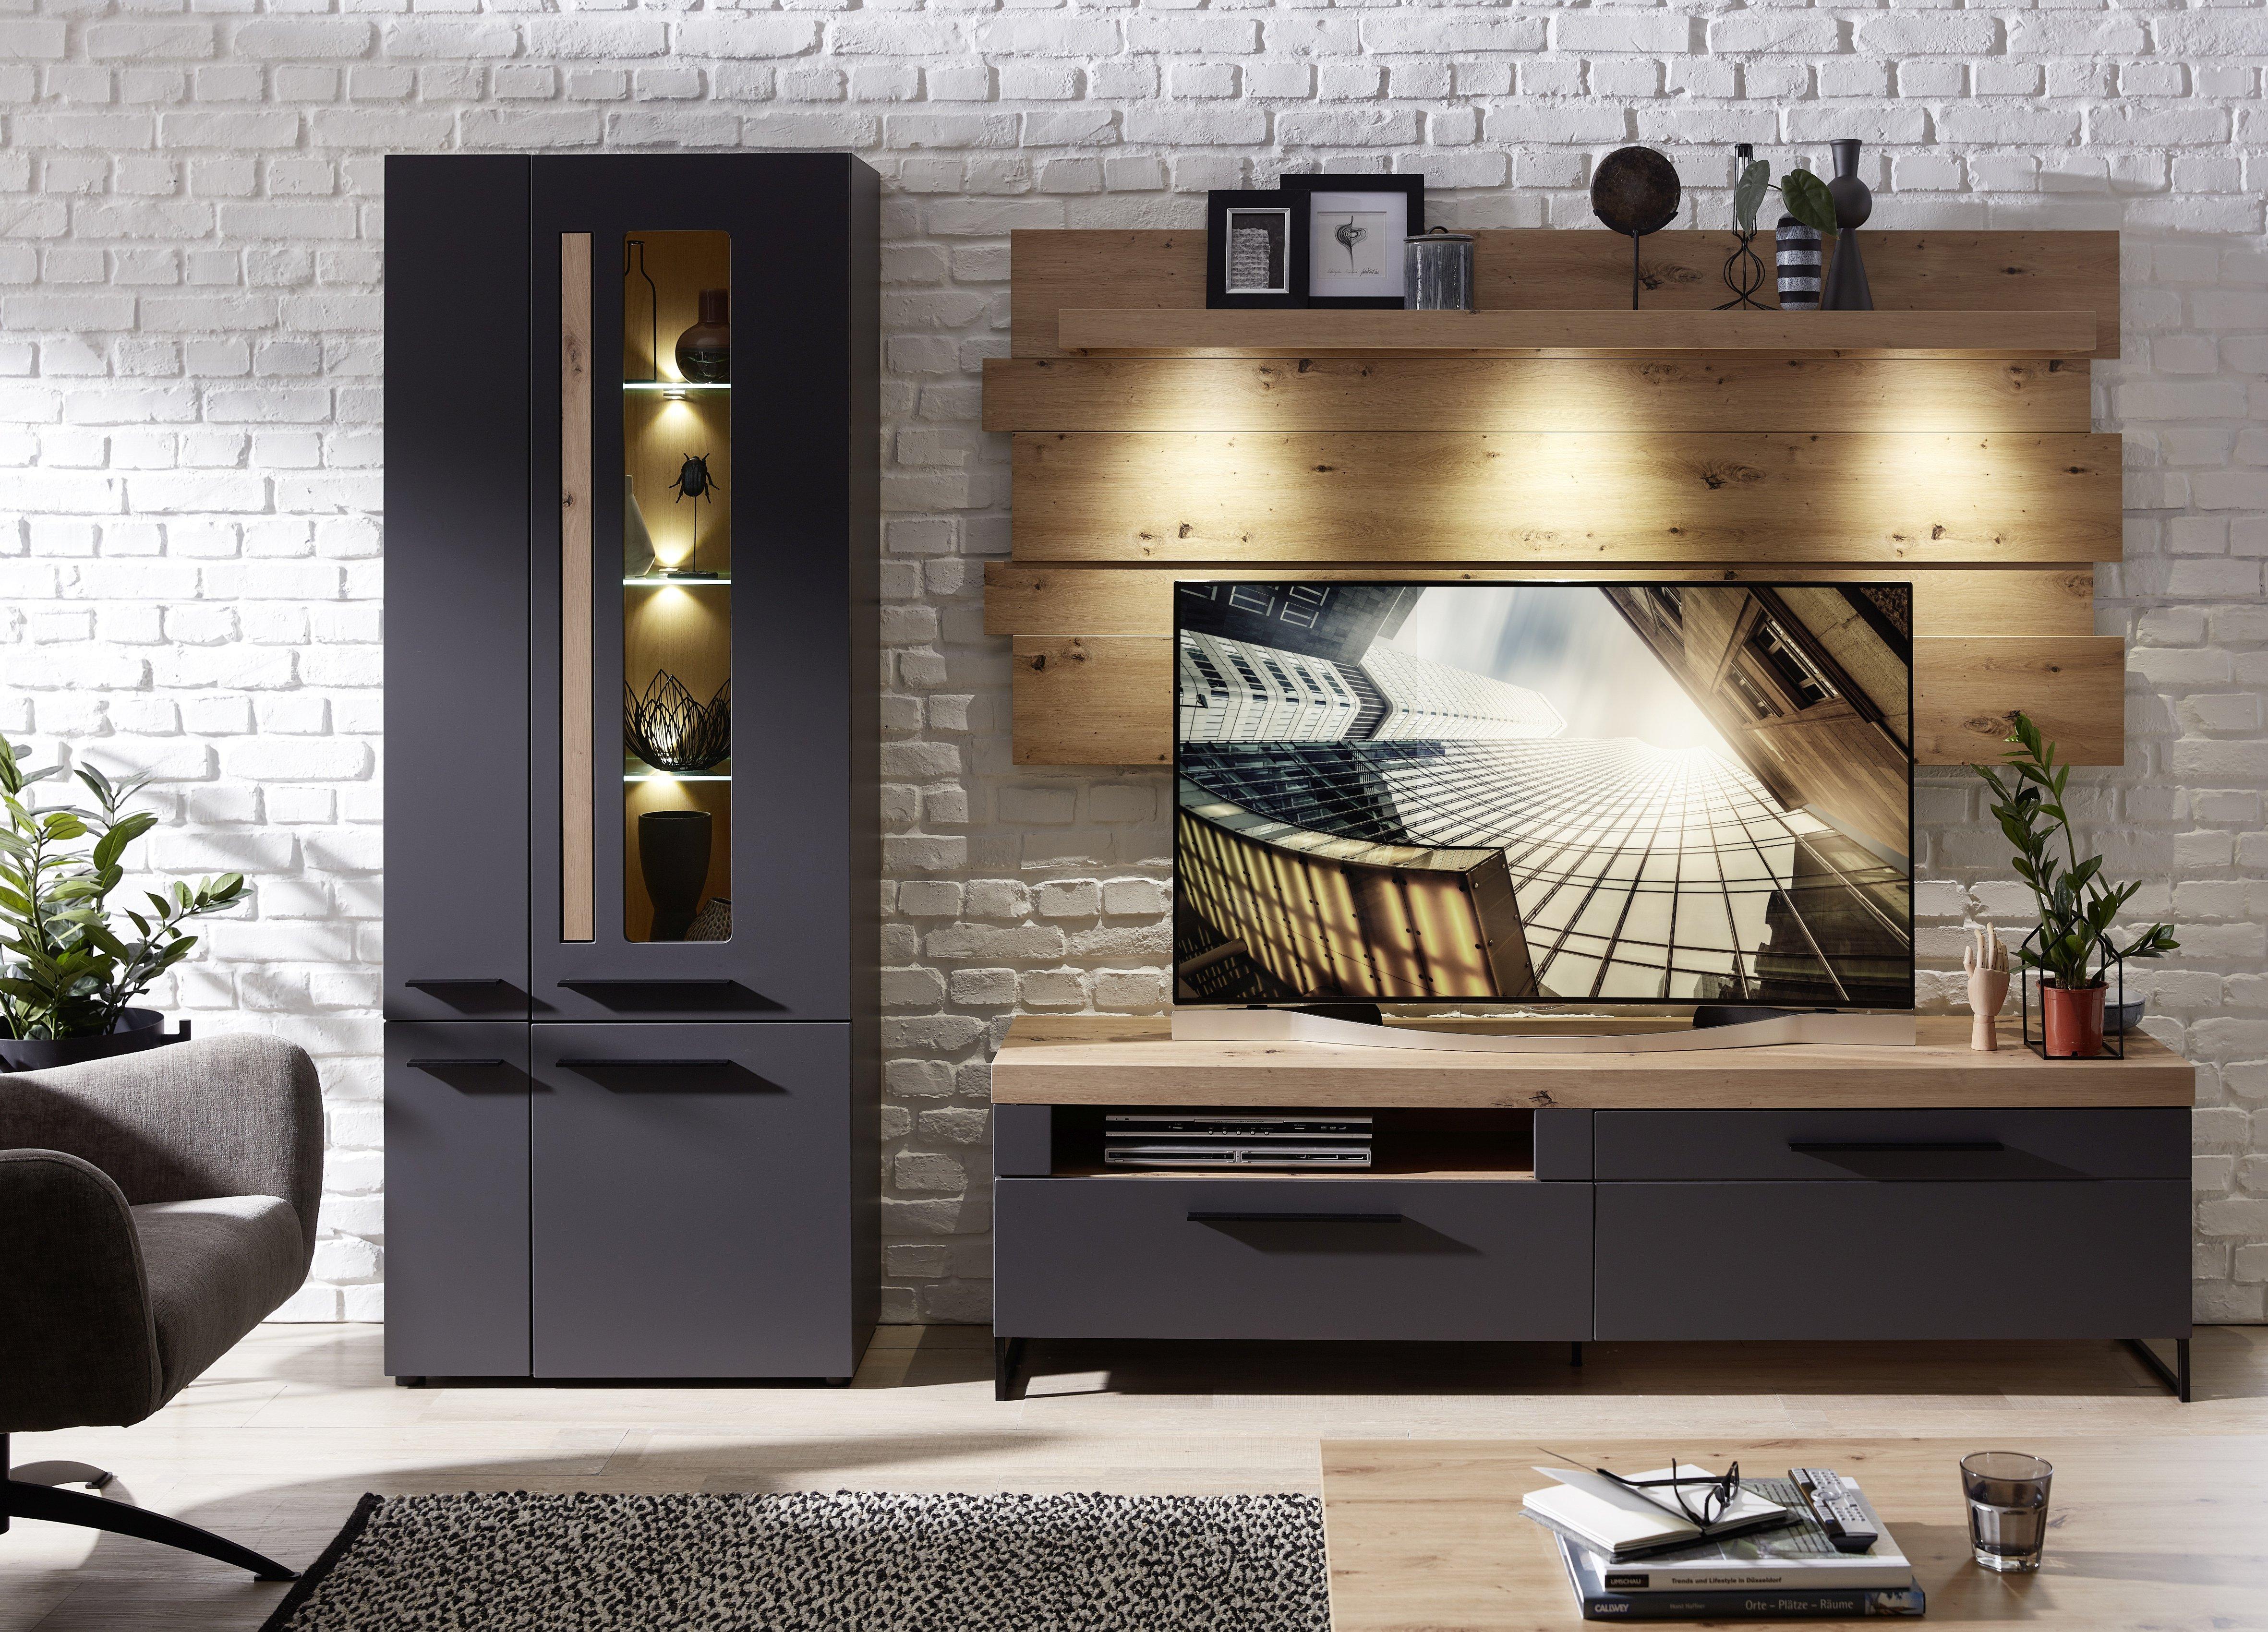 LOFT-TWO TV-Wohnlösung+BL ArtisanEiche/Graphit matt B/H/T ca. 288/201/44 cm